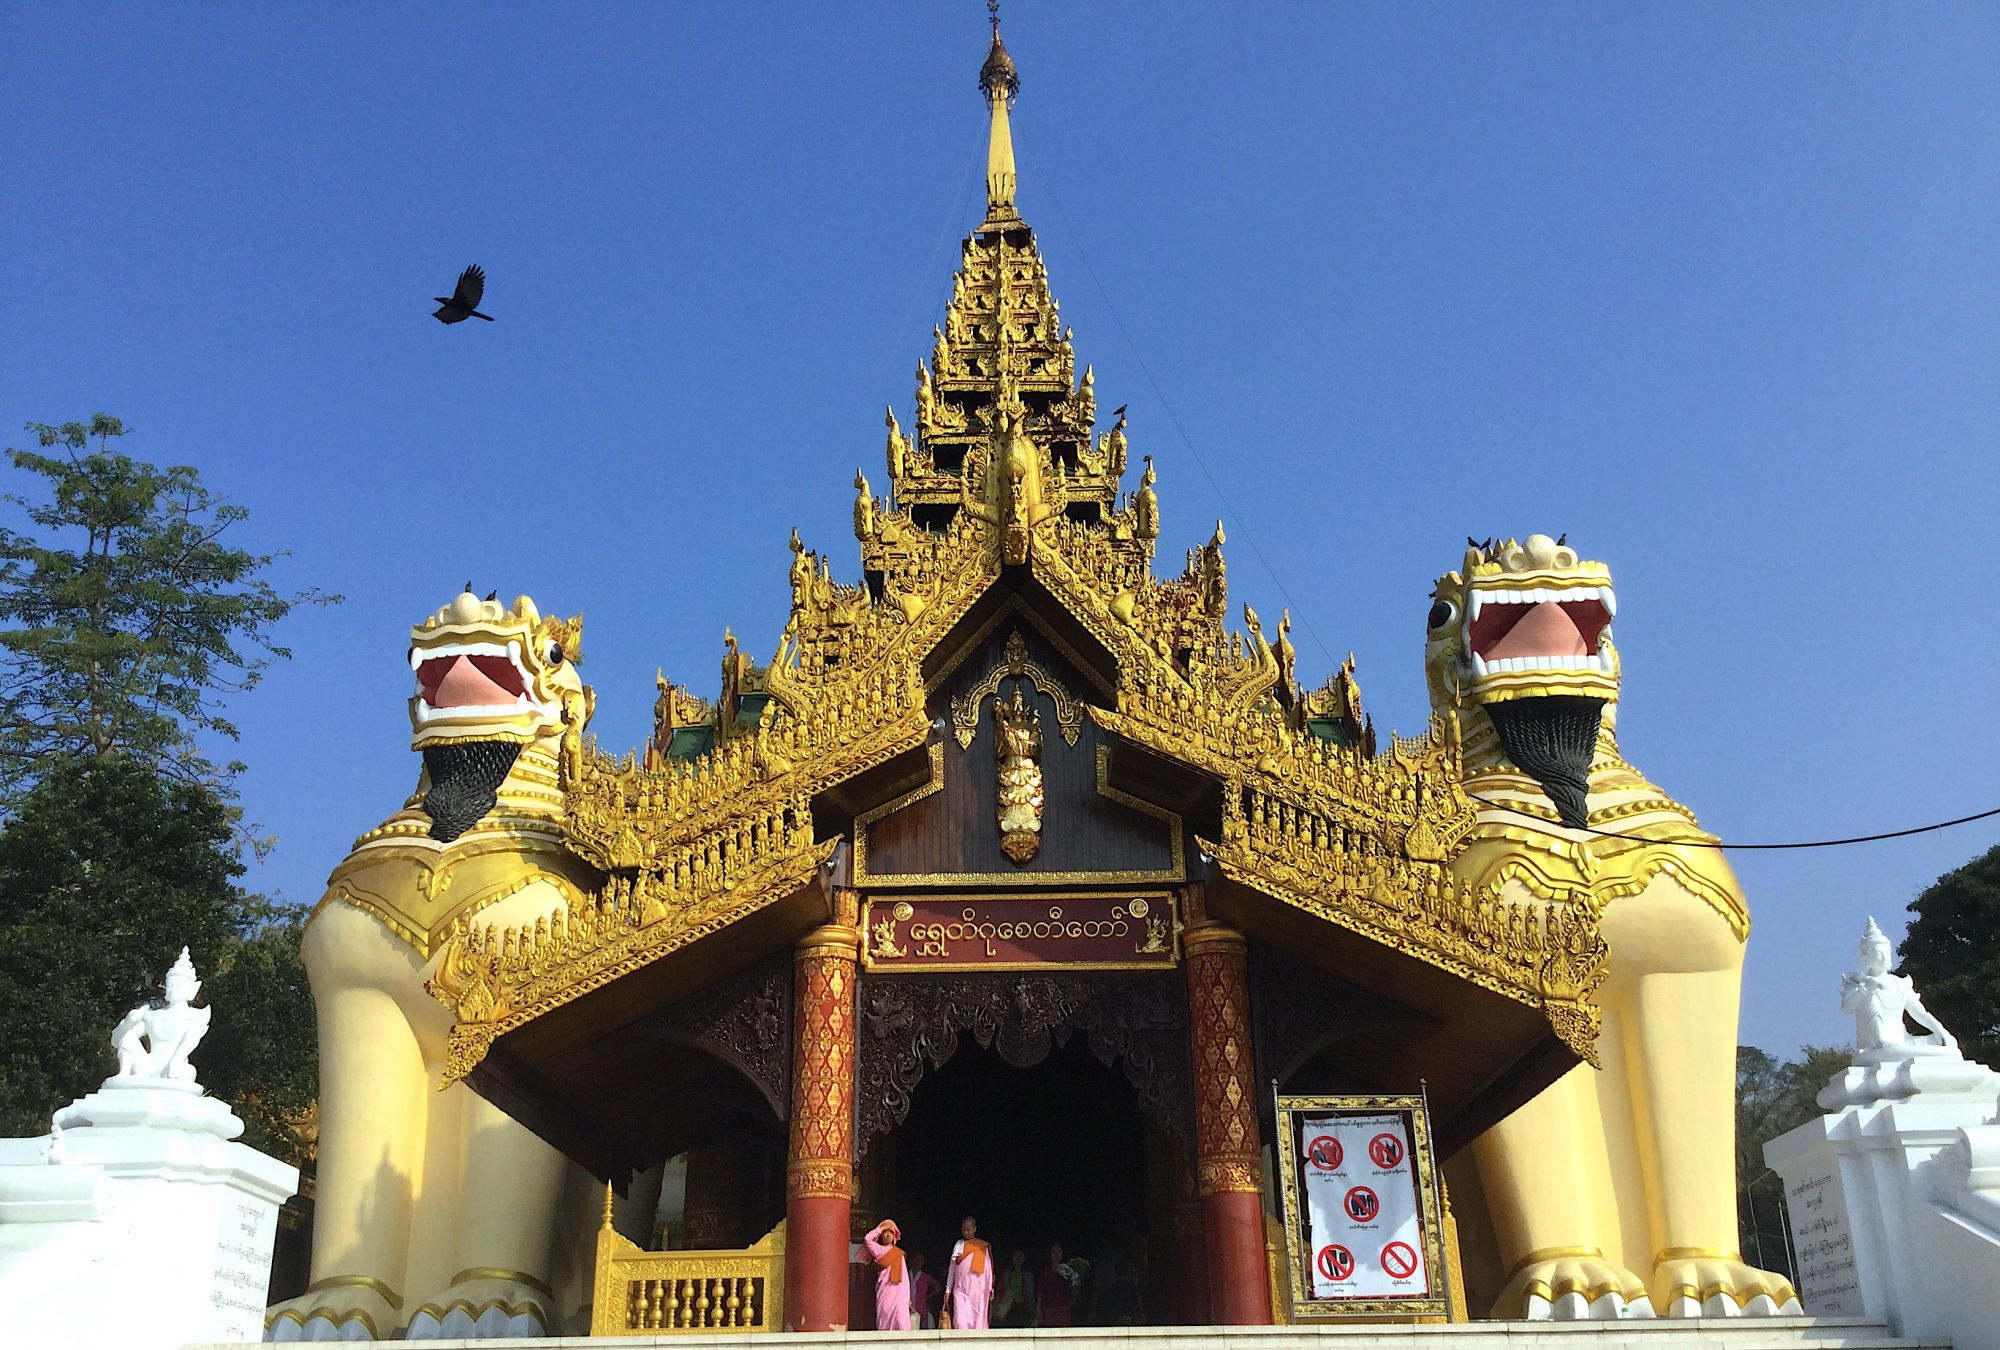 佛教徒心目中的世界中心什么样?35张图带你玩转仰光瑞光大金塔!